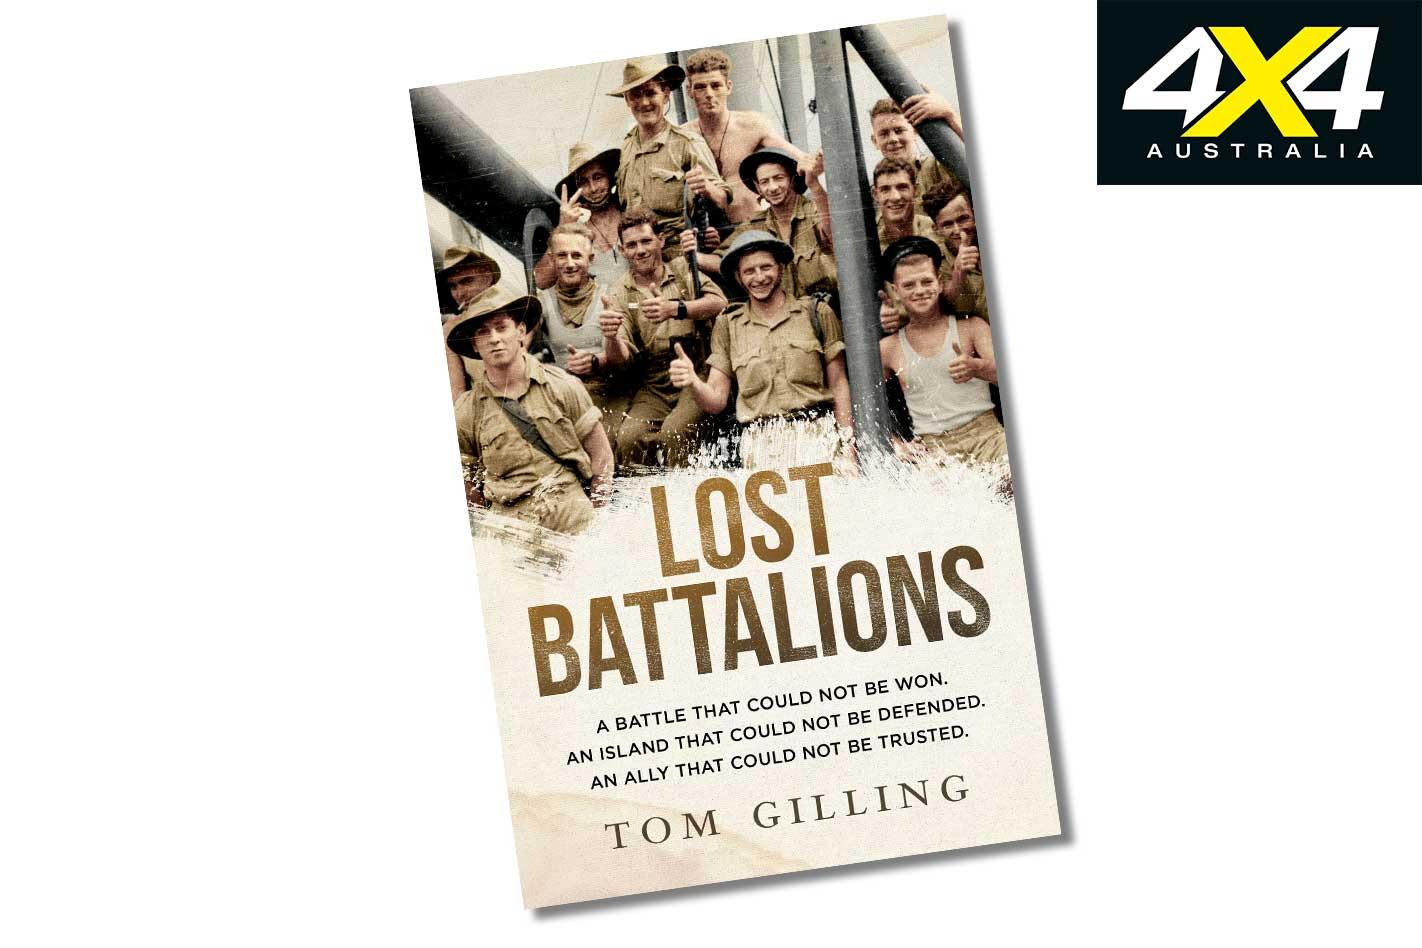 New 4 X 4 Gear Lost Battalion Book Jpg